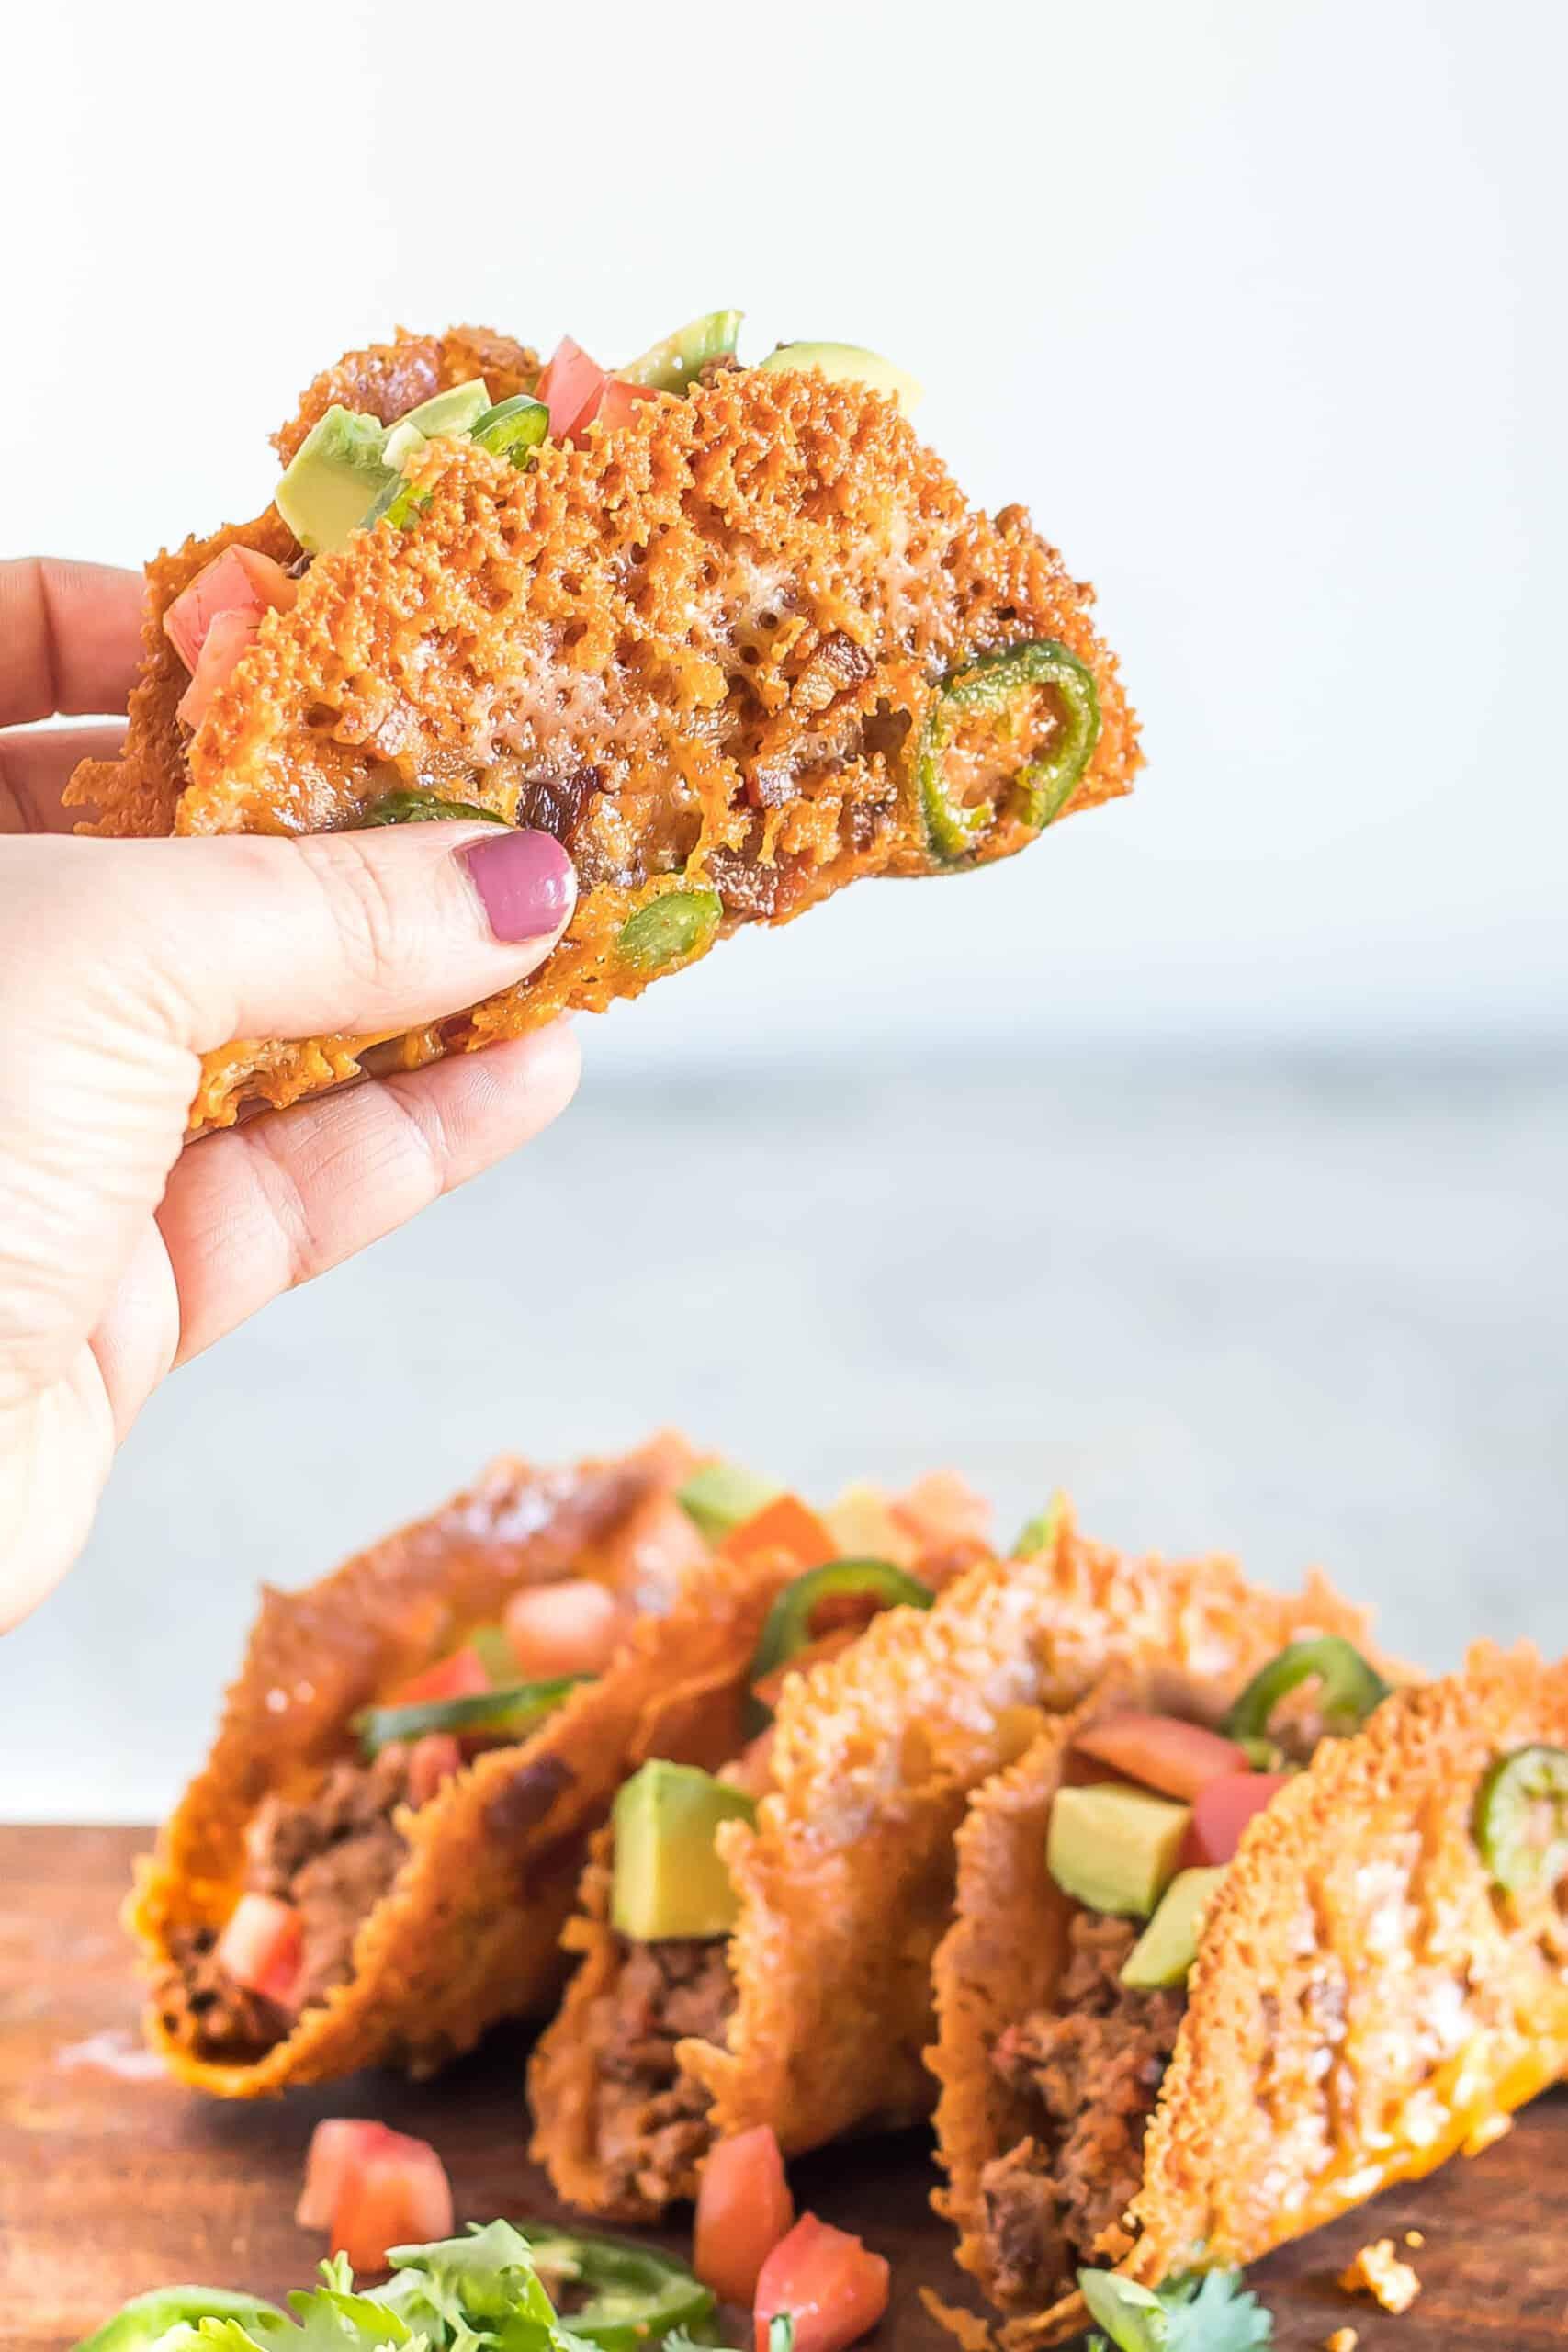 Keto taco meat in a cheesy keto taco shell.